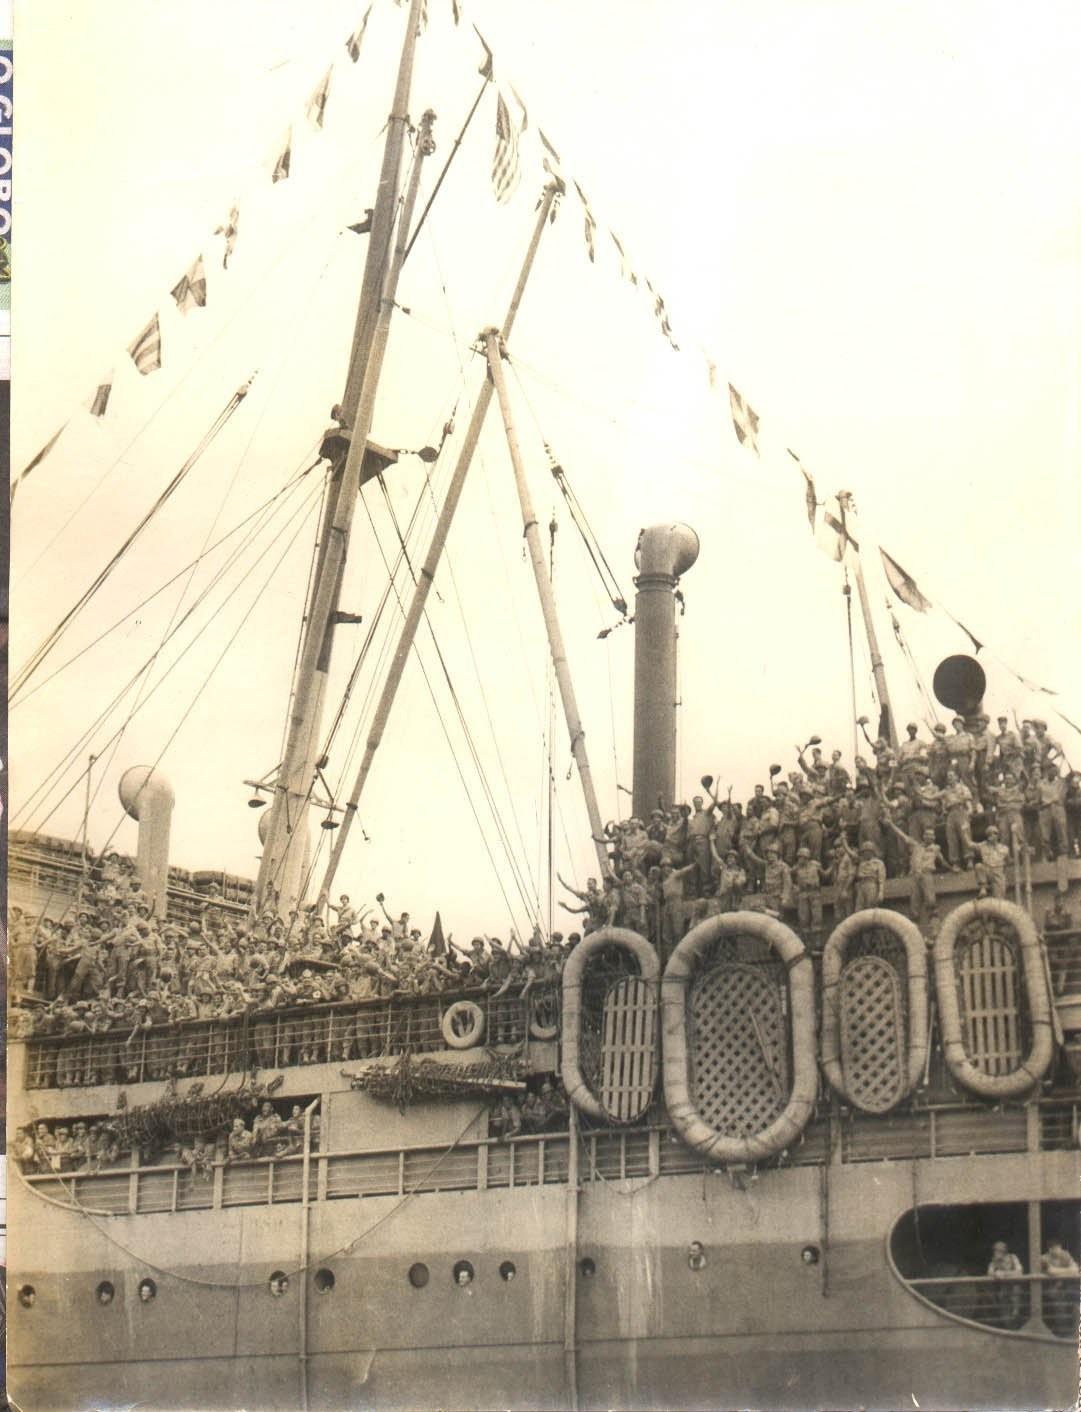 """Regresso da II Guerra Mundial do 2º escalão da FEB, constituído de mais de seis mil expedicionários, a bordo do navio """"Mariposa"""", antigo Vindhuck, sob o comando do General Oswaldo Cordeiro de Farias"""